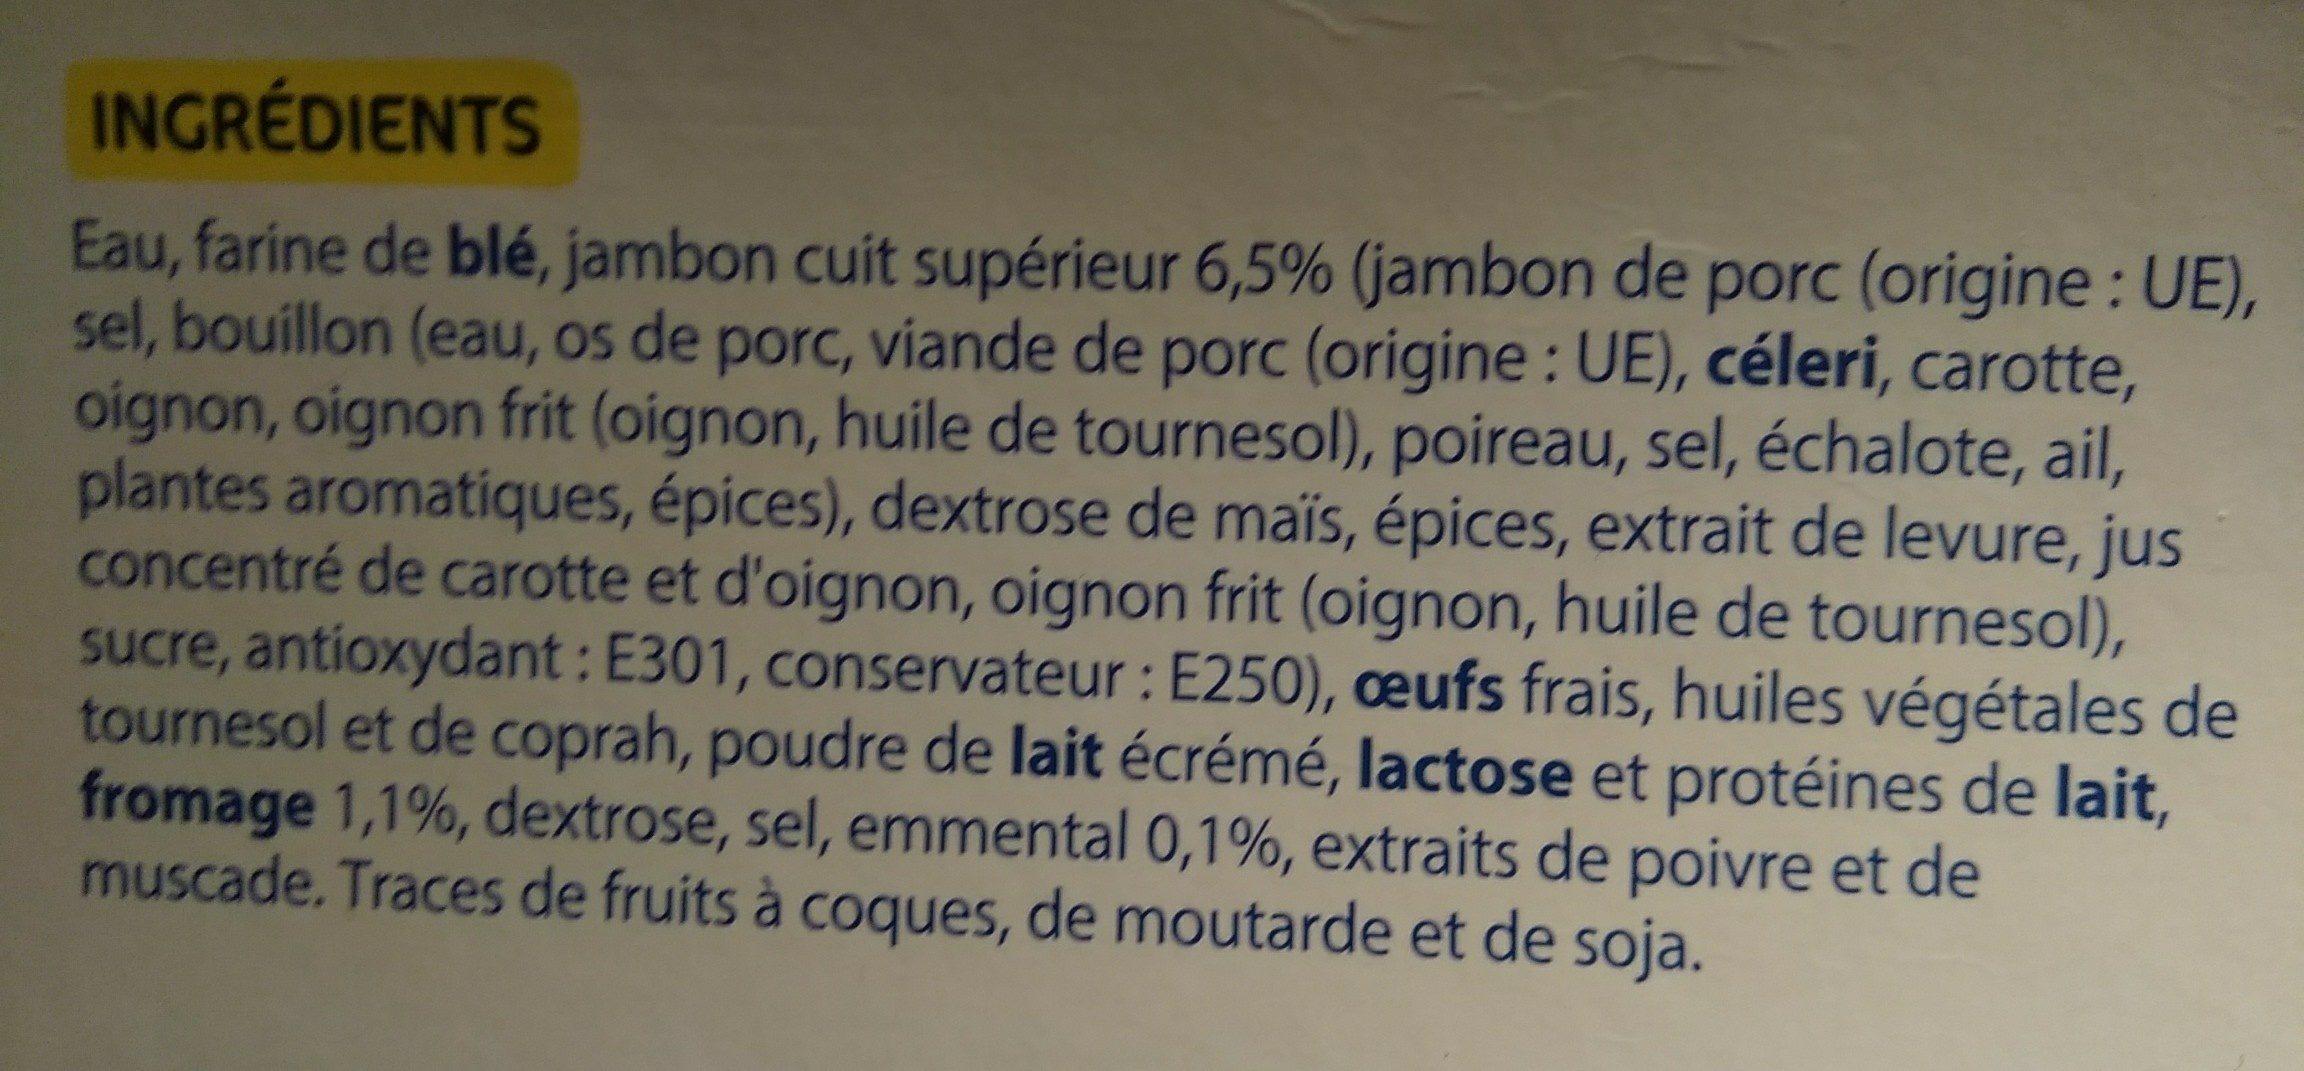 Crêpe jambon fromage - Ingredients - fr